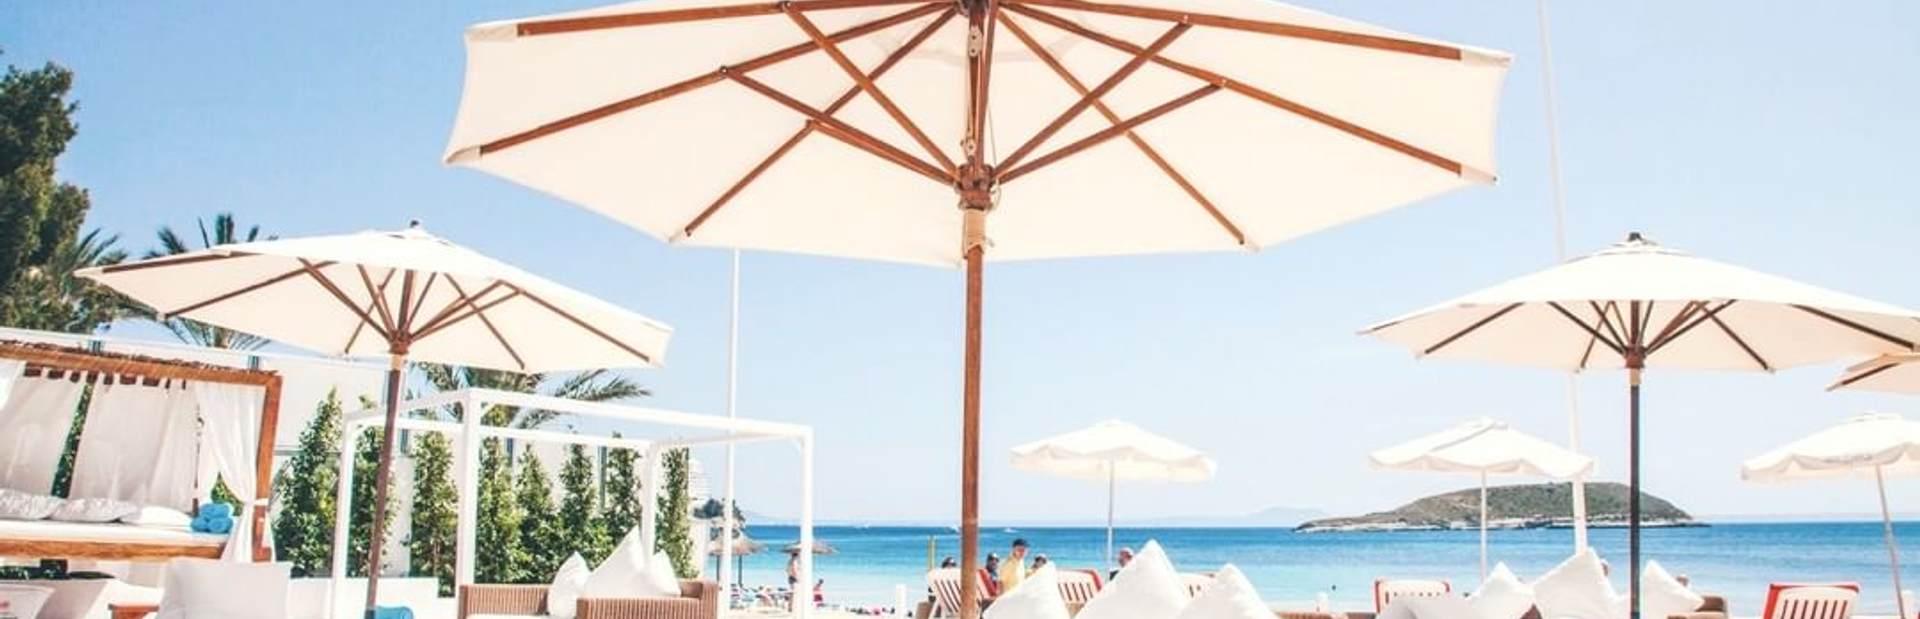 Nikki Beach Mallorca Image 1